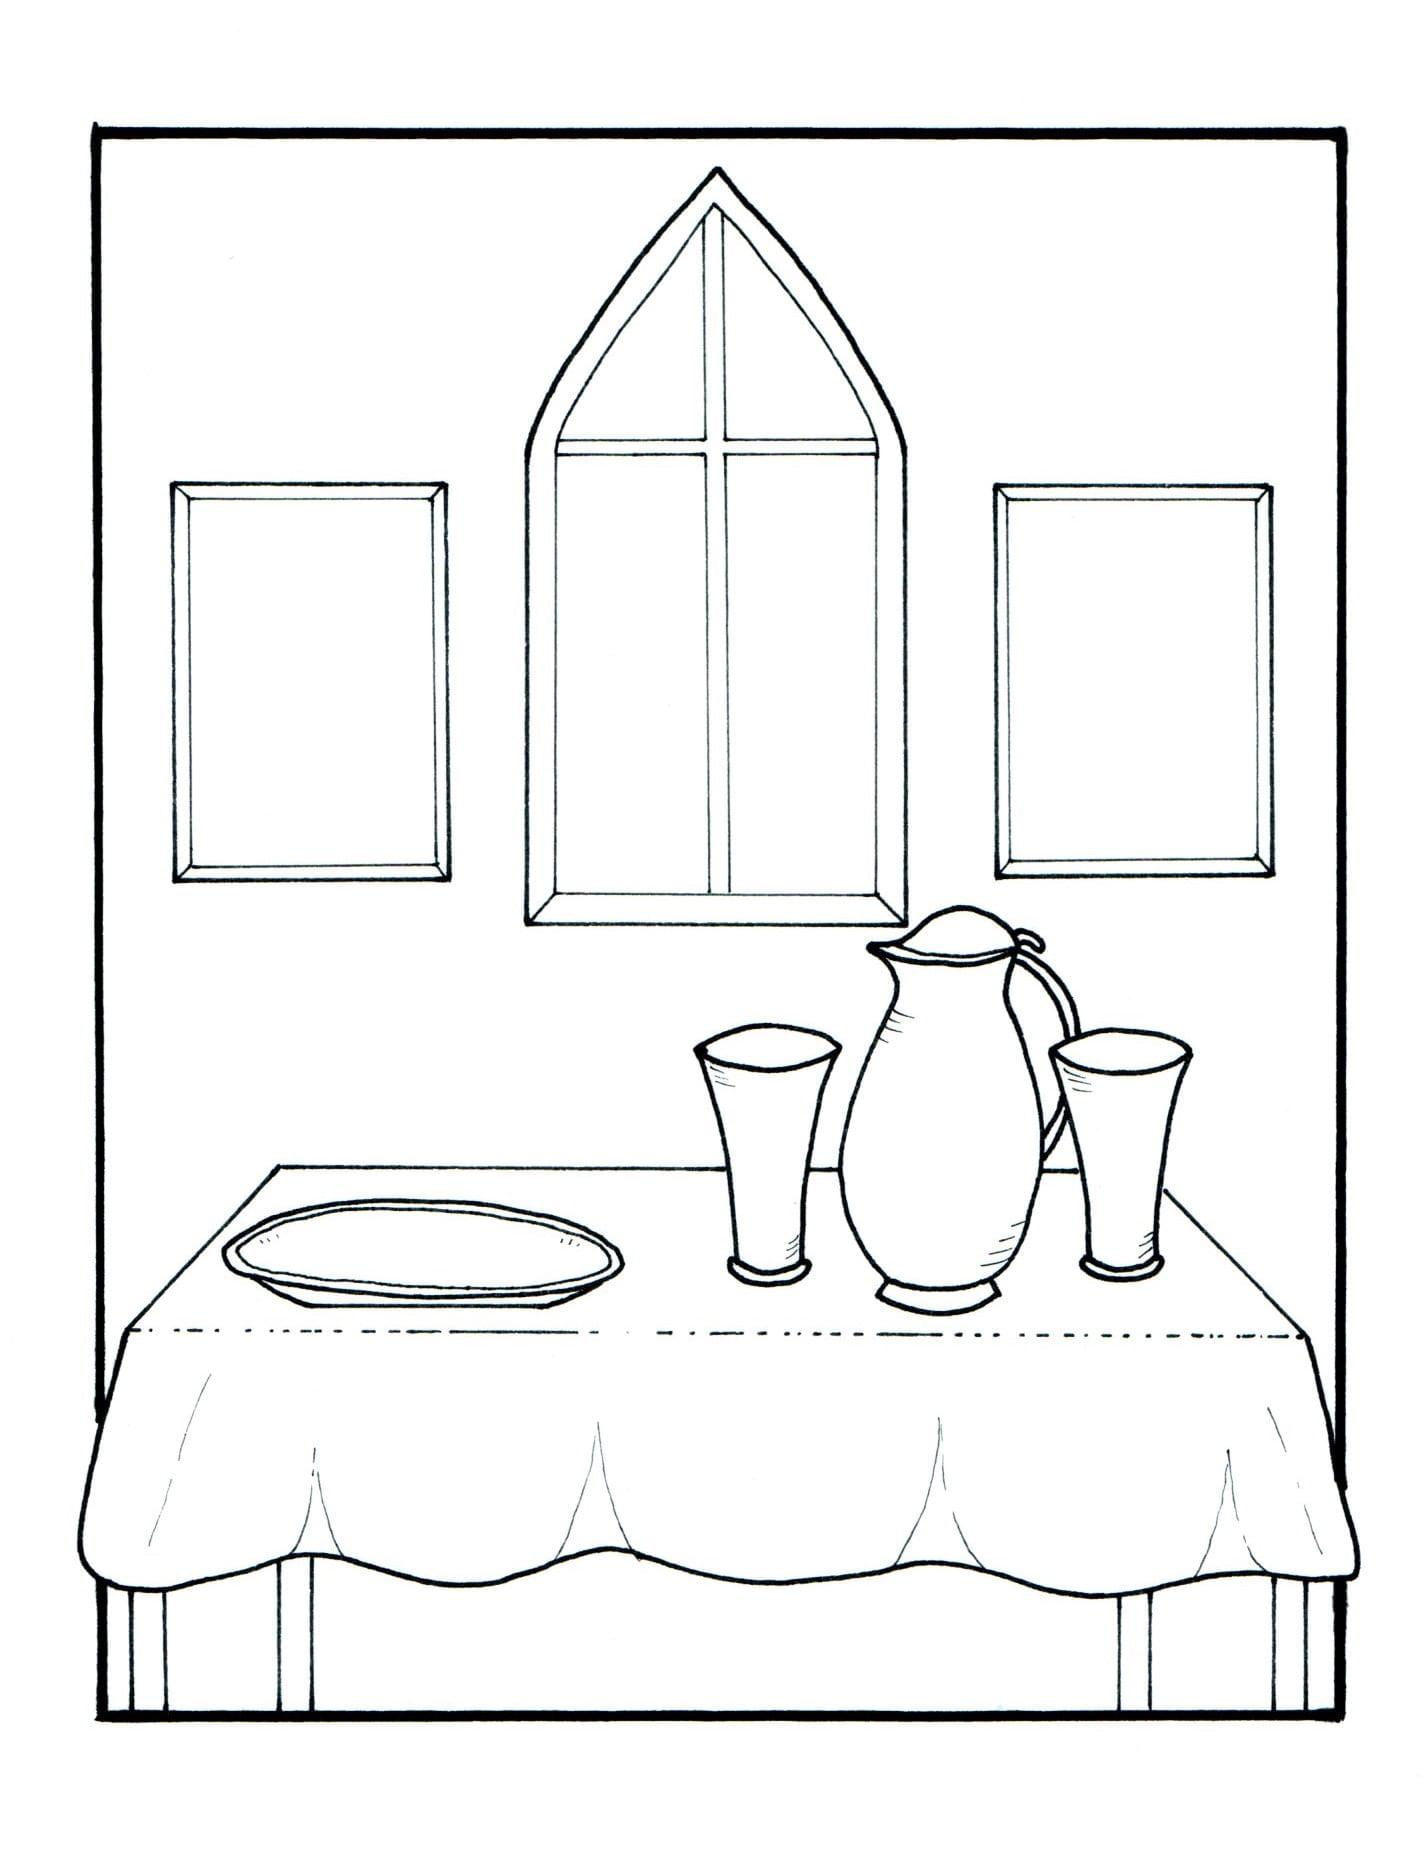 Kleurplaat Heilig Avondmaal 3 10 Jaar Bijbels Opvoeden Nl